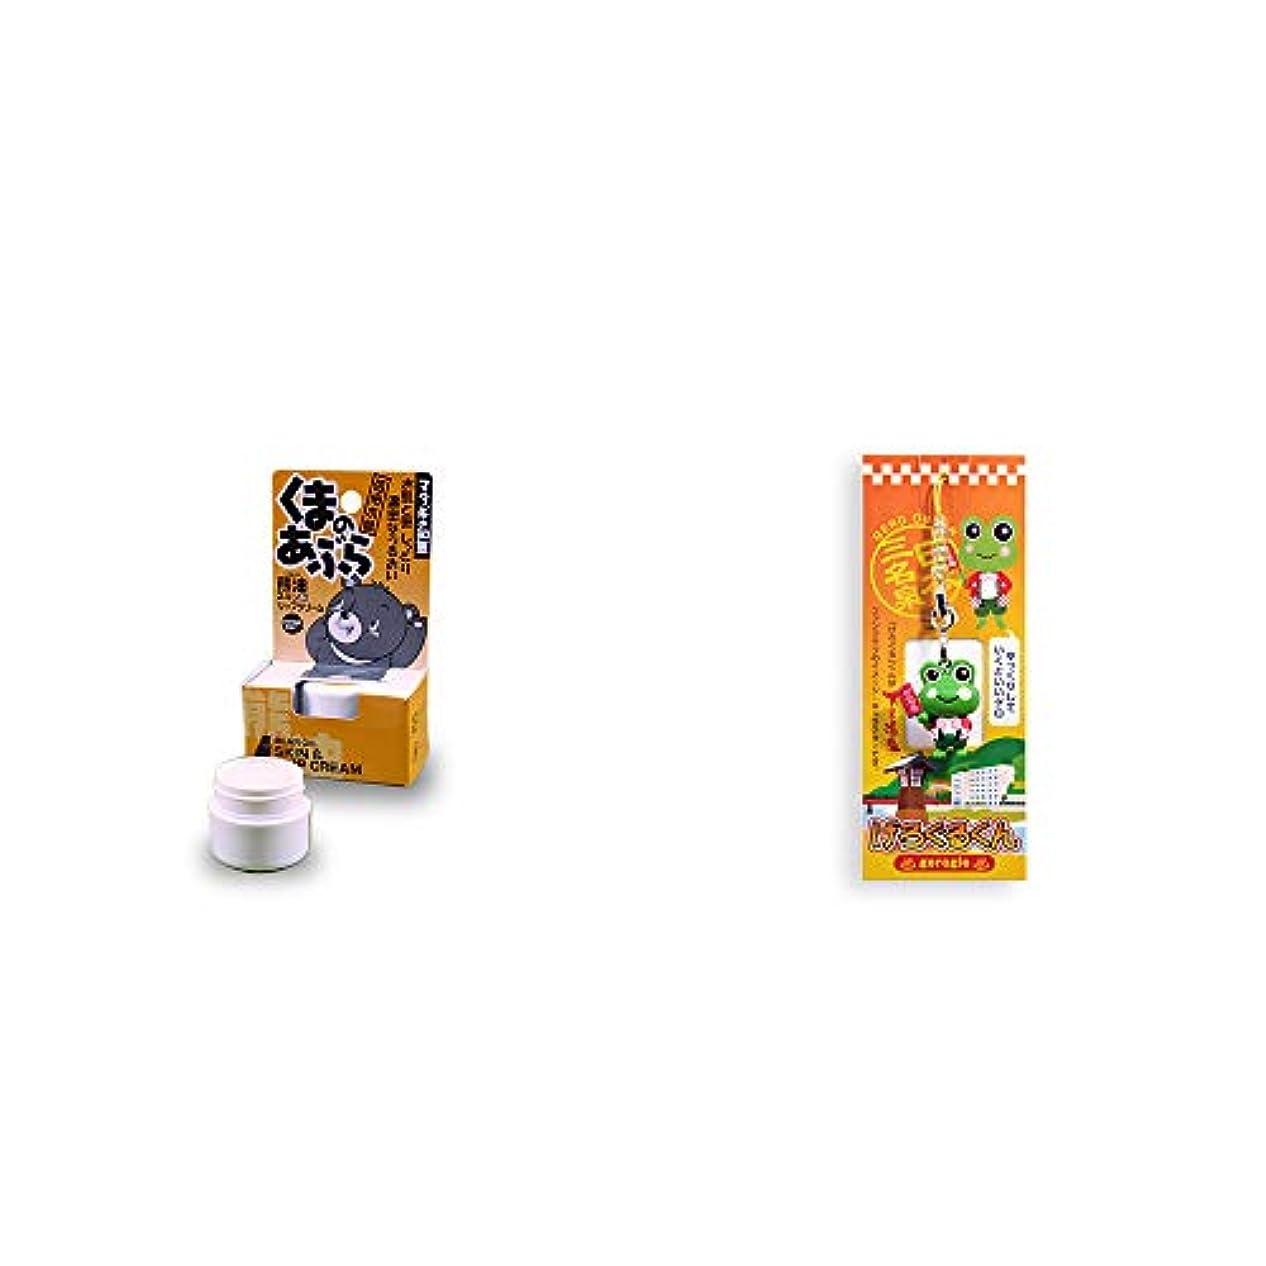 閃光寛大さ章[2点セット] 信州木曽 くまのあぶら 熊油スキン&リップクリーム(9g)?下呂温泉ファンクラブのイメージキャラクター げろぐるくんストラップ